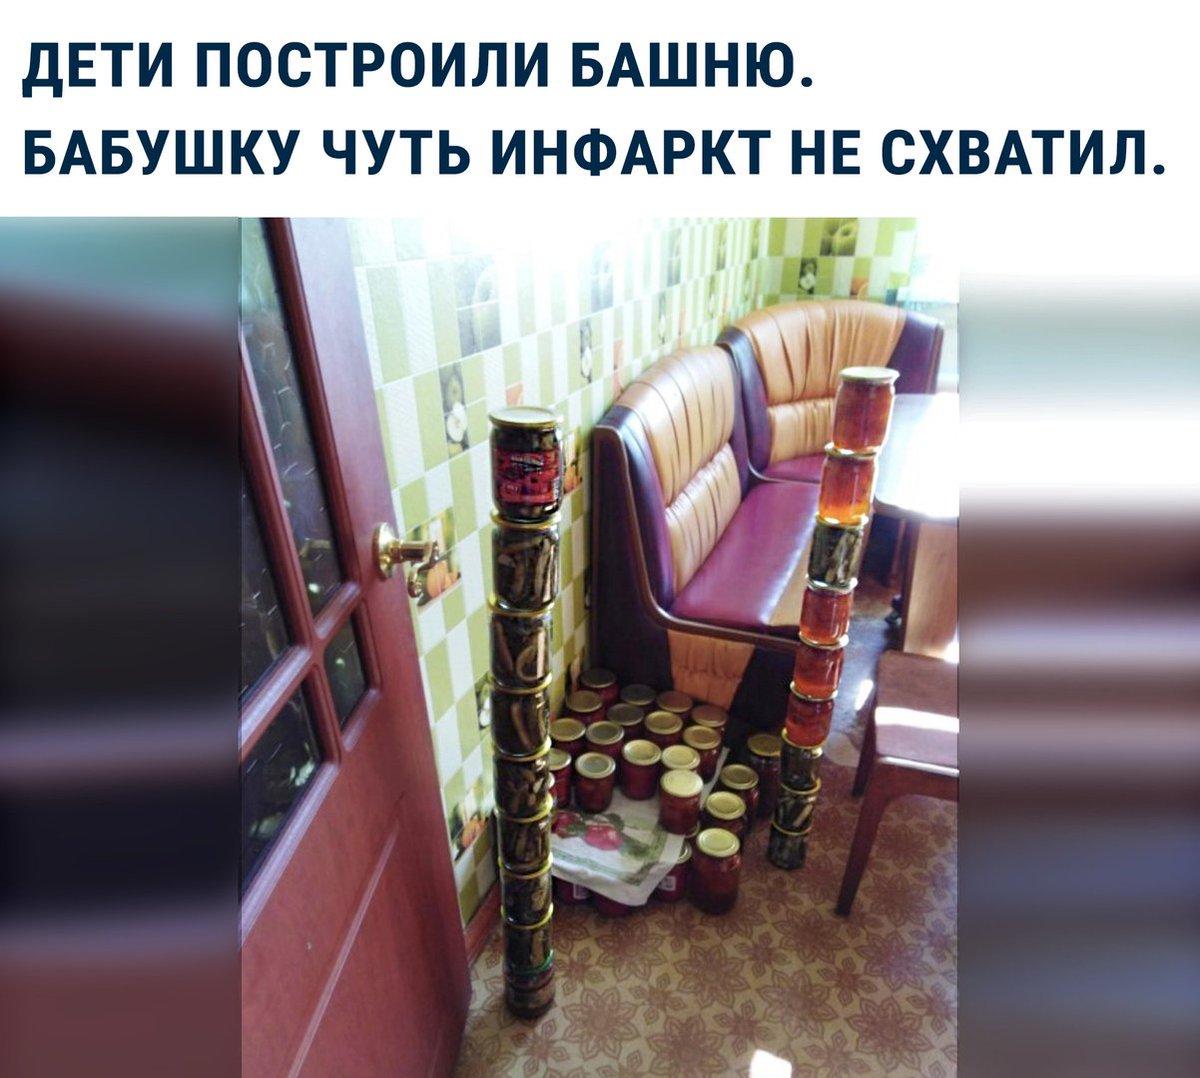 Подросток в Тараще распылил газ в школе: 9 детей госпитализированы, - полиция - Цензор.НЕТ 7802